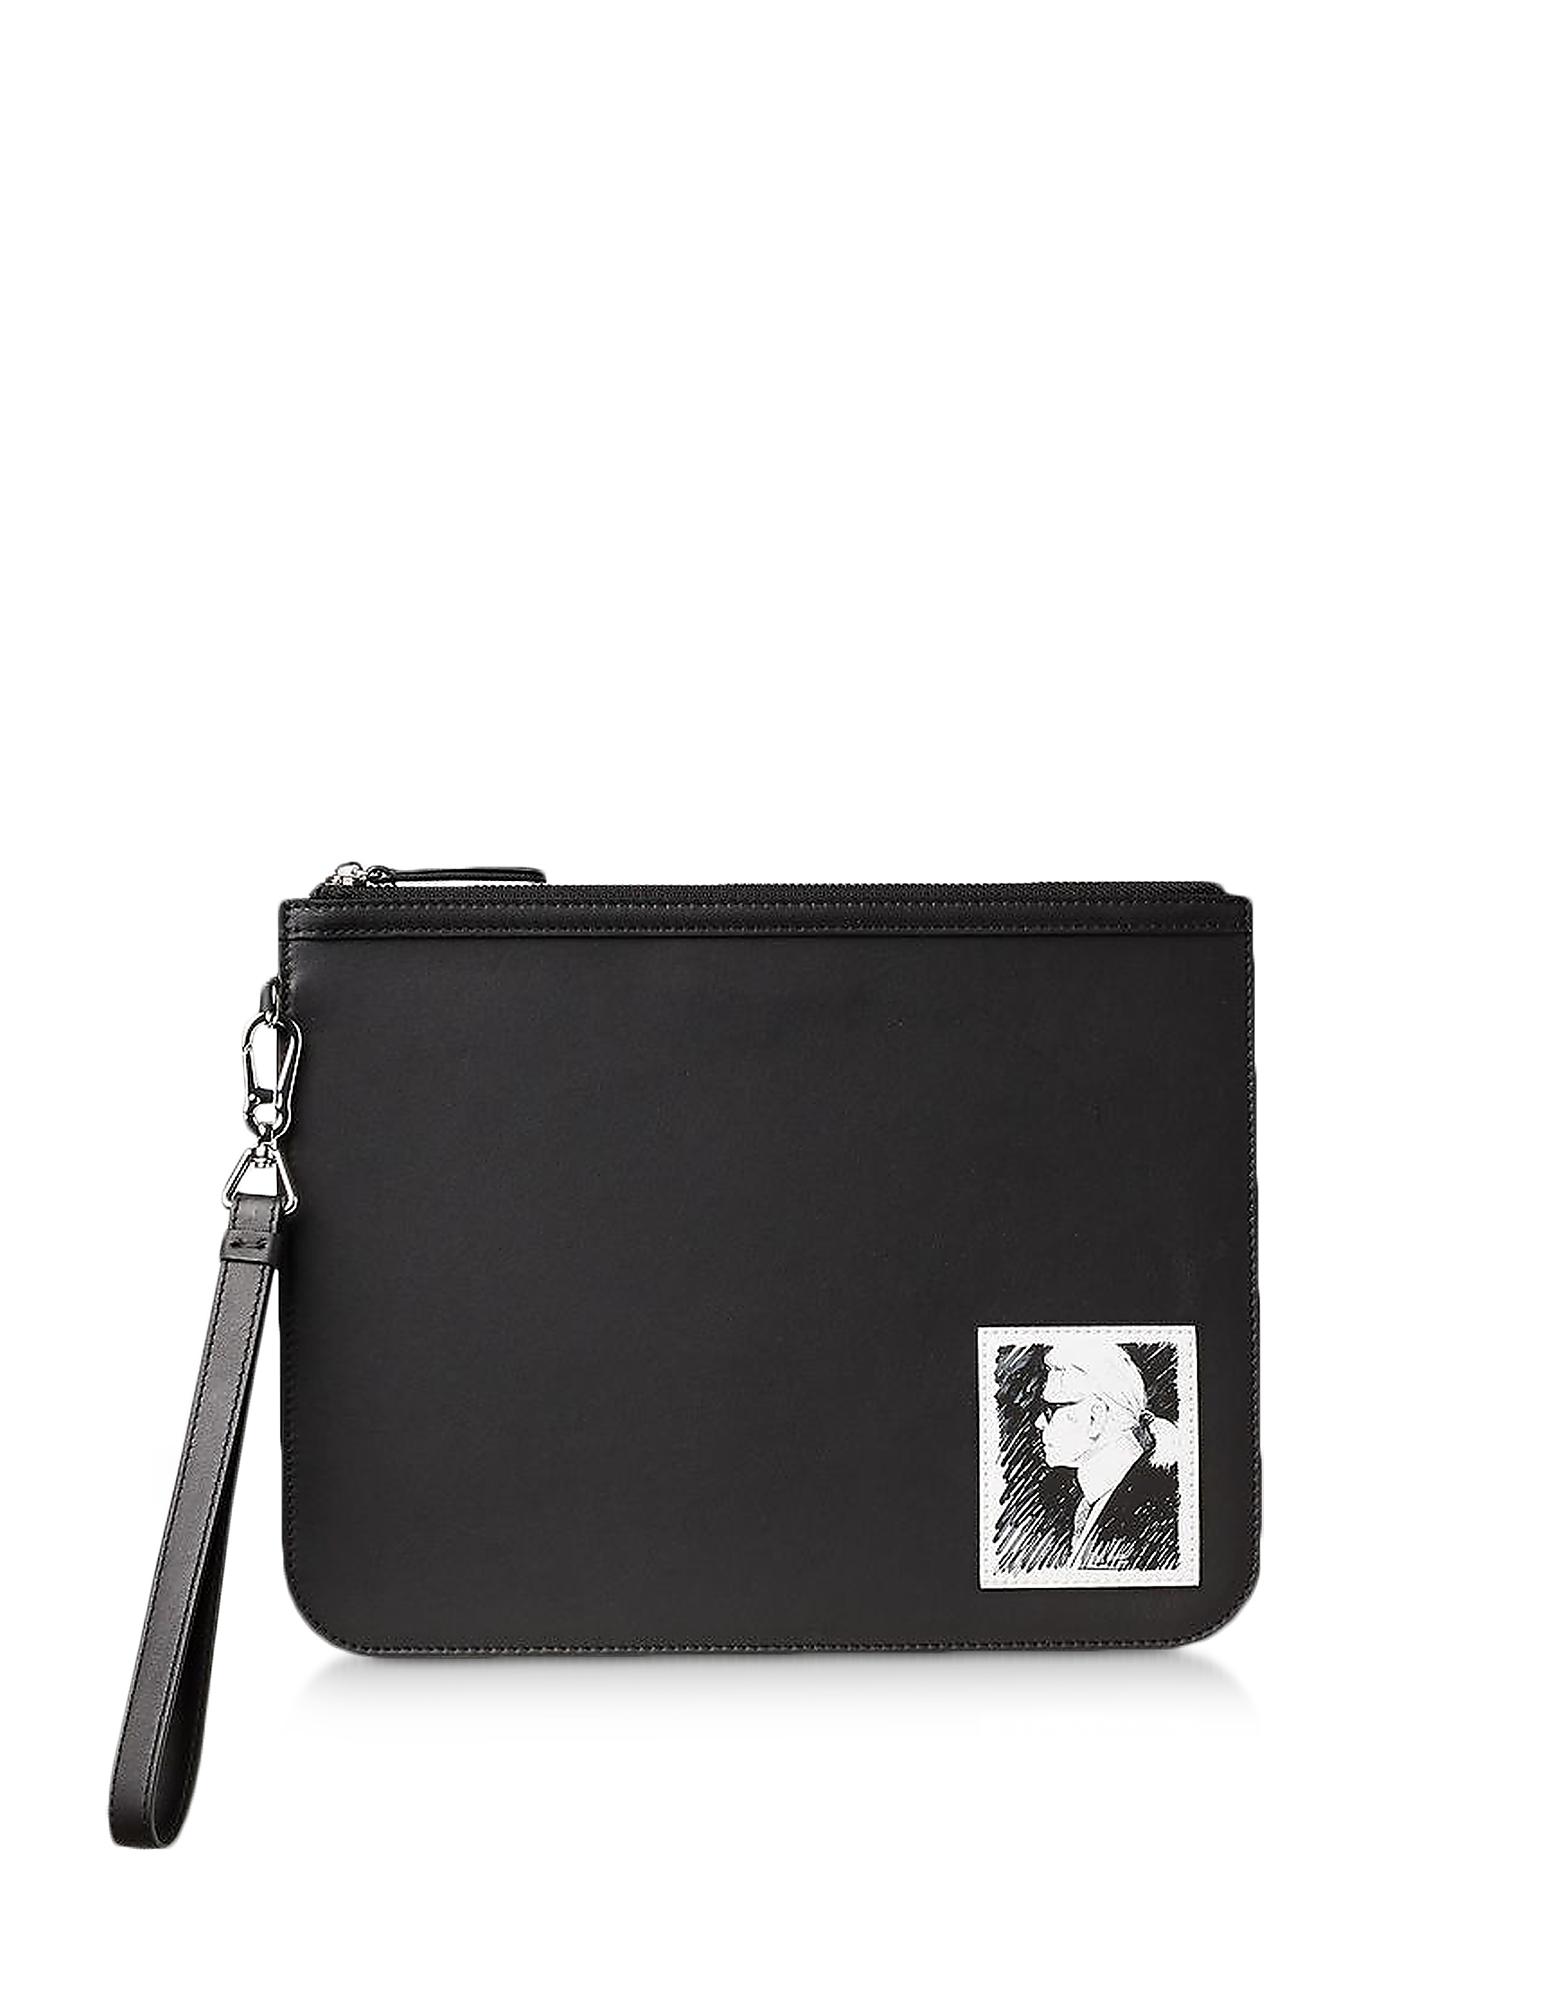 Karl Lagerfeld Clutch KARL LEGEND ESSENTIAL CLUTCH